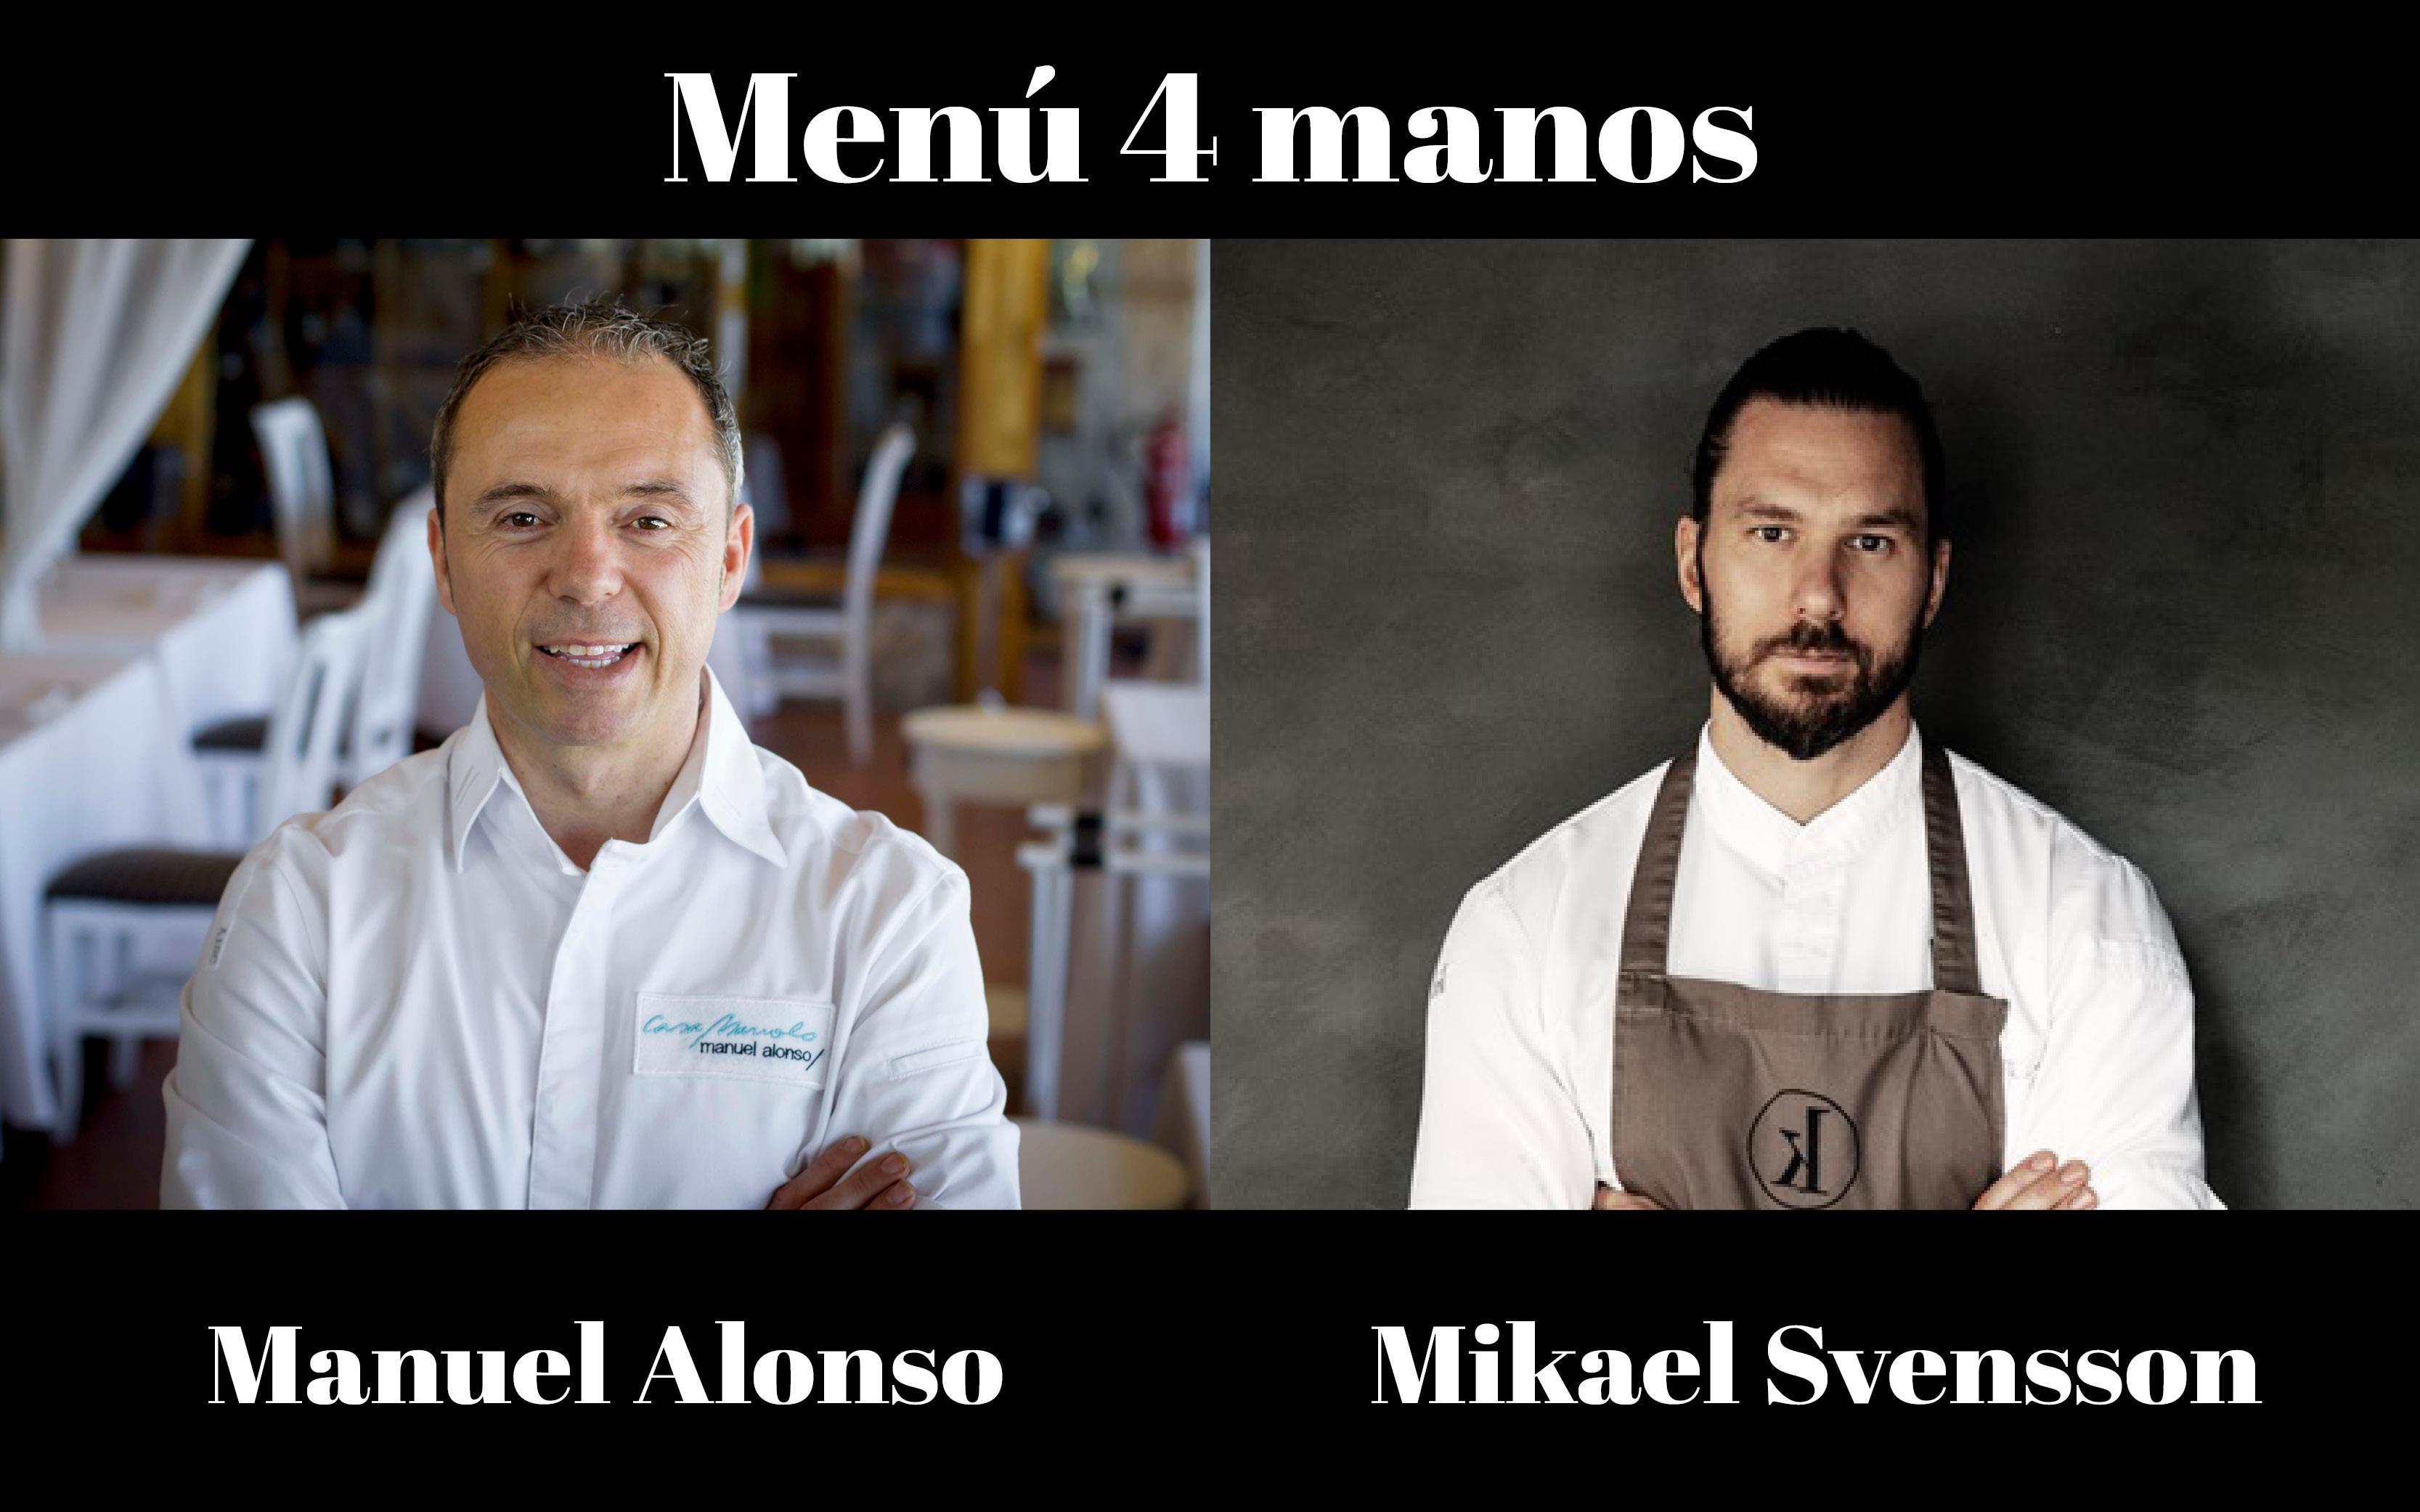 menú 4 manos facebook evento